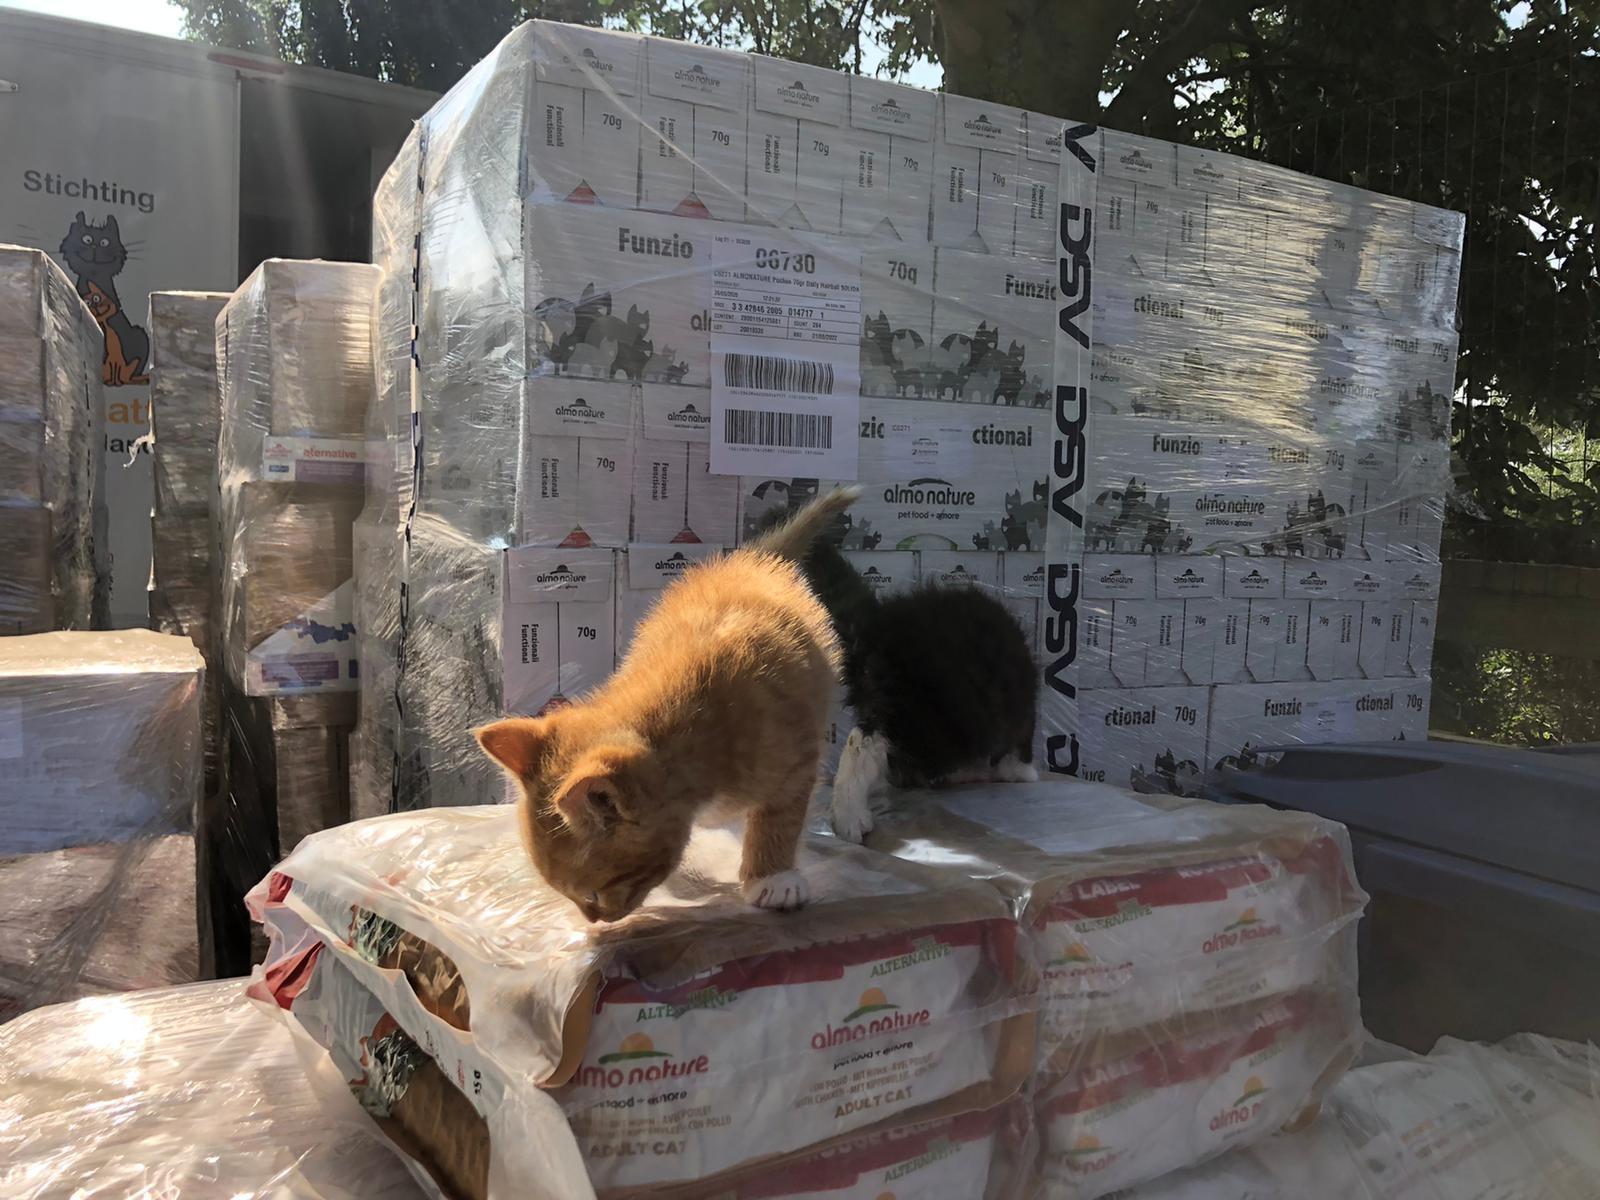 Fondazione Capellino en Almo Nature ondersteunen katopia, een mobiele operatiewagen voor het 'neutraliseren' van zwerfkatten